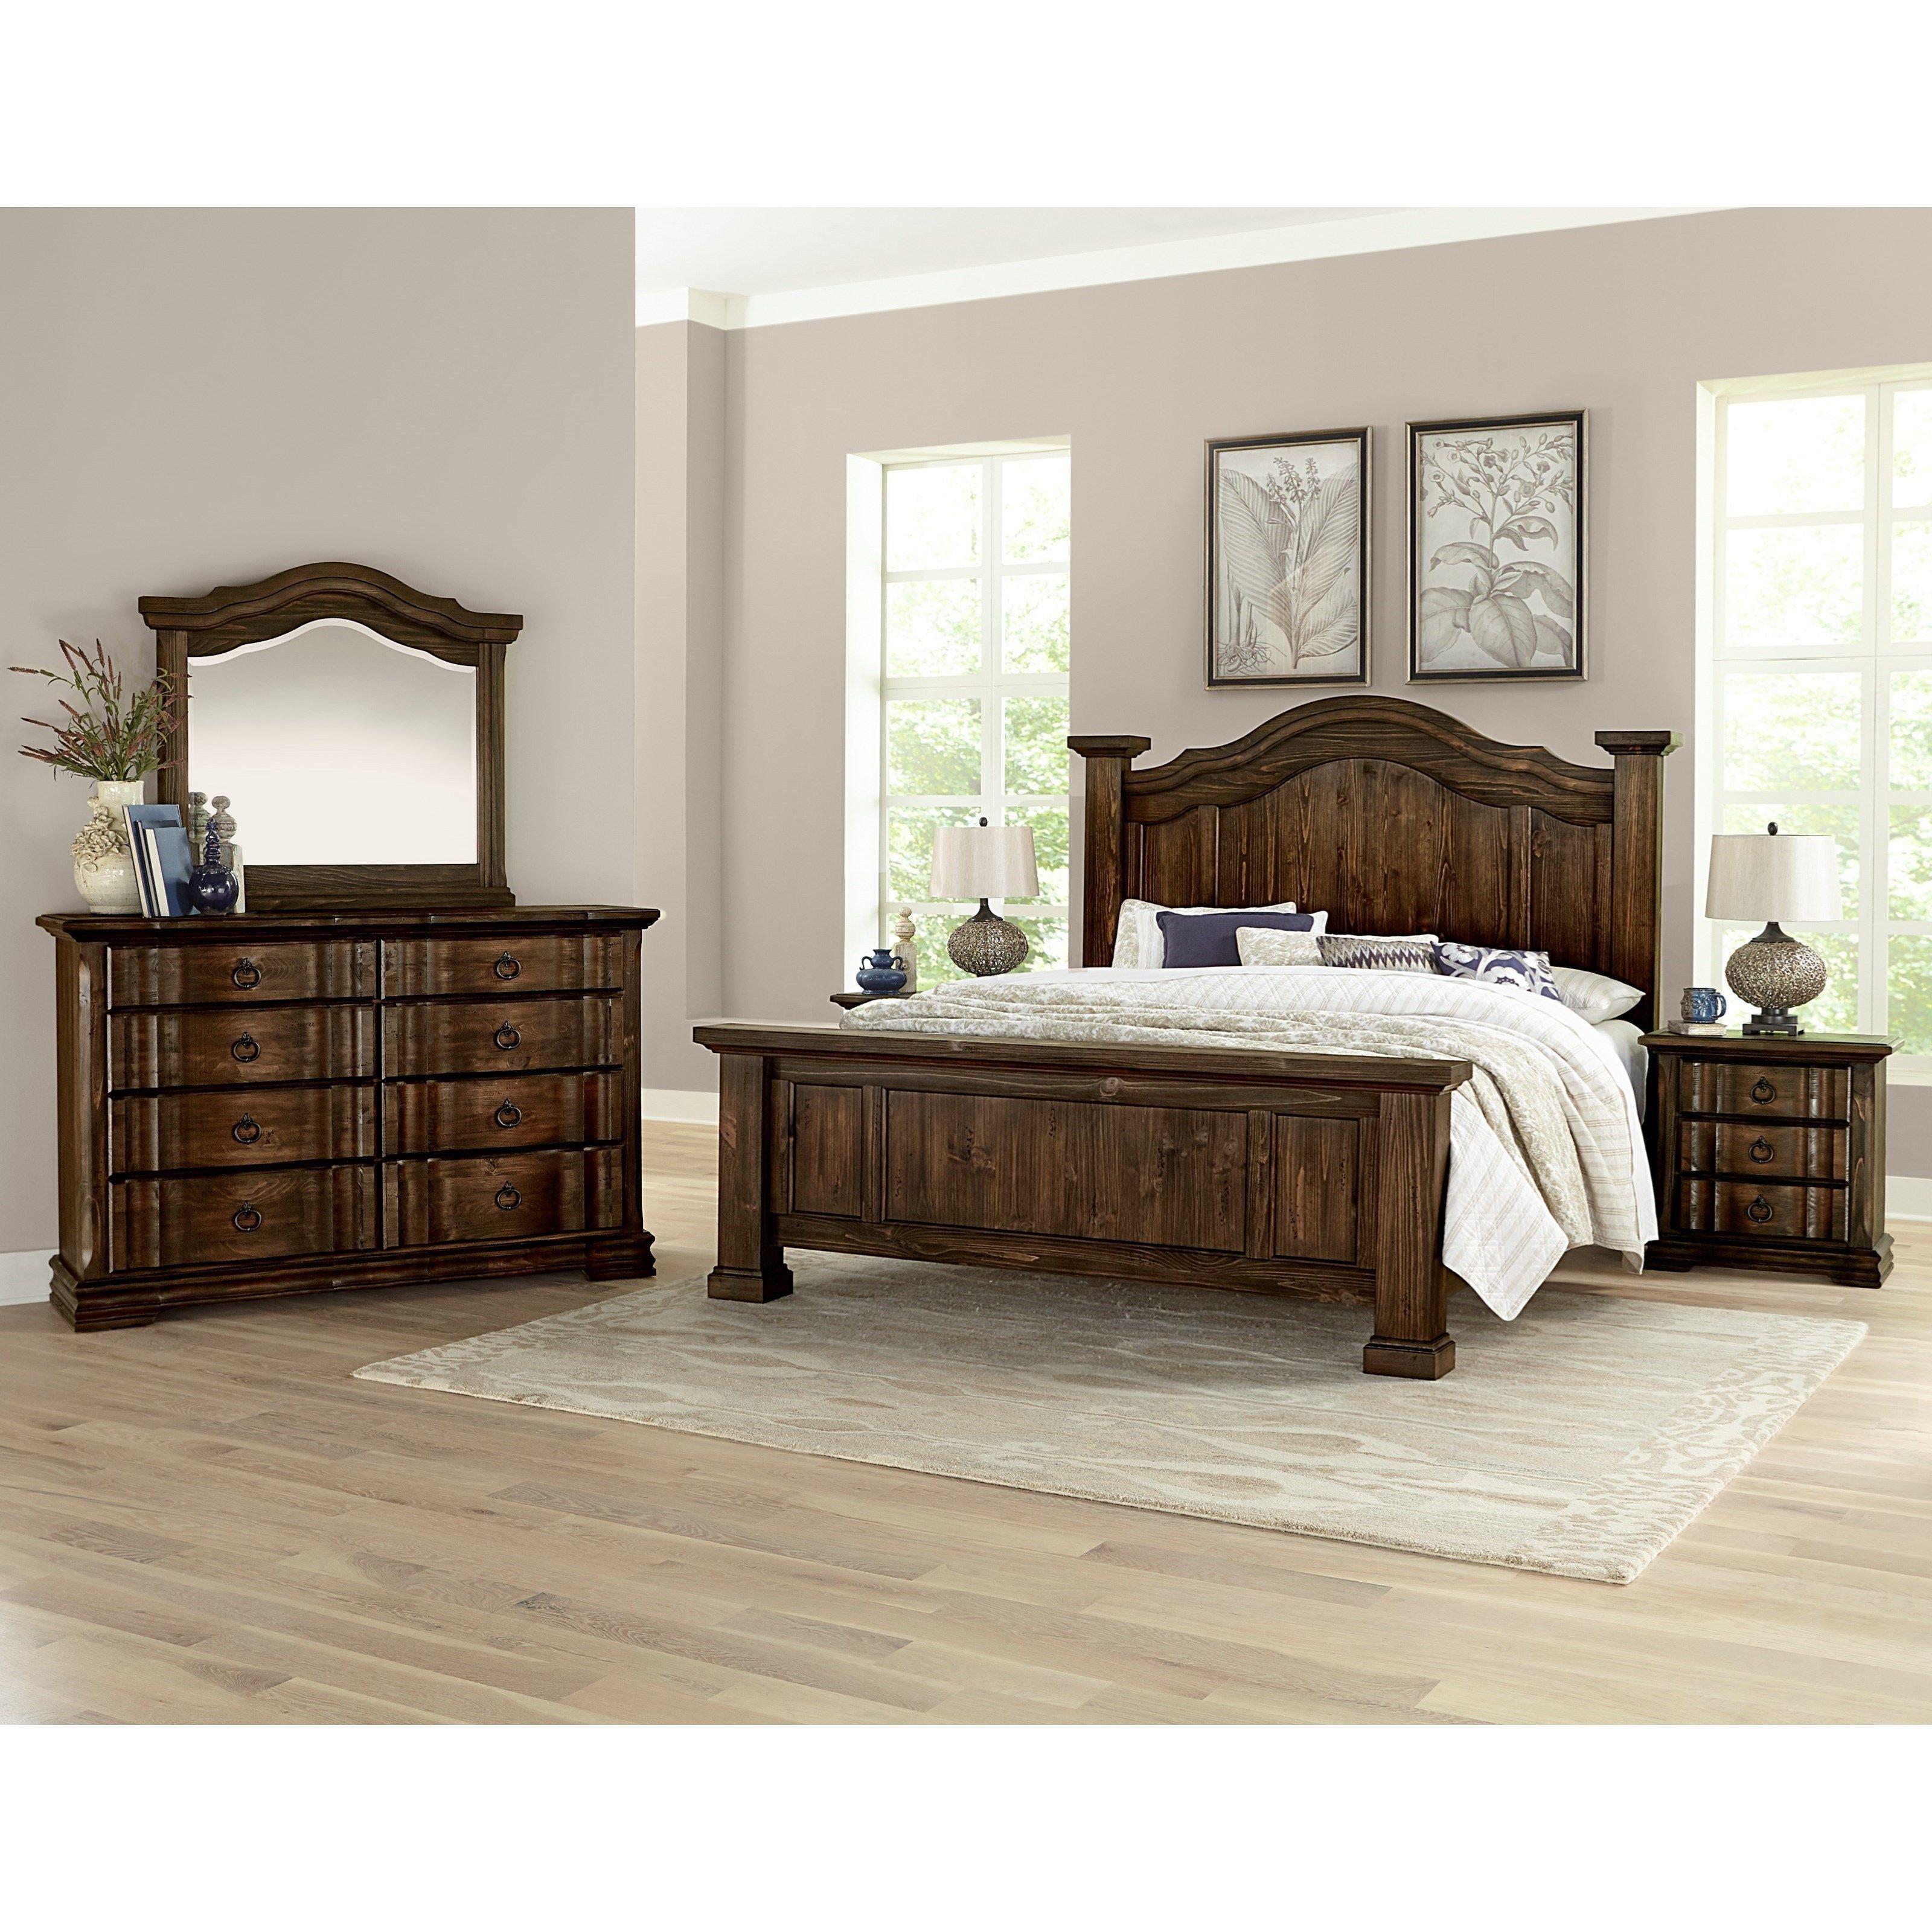 Rustic King Bedroom Set Luxury Rustic Hills King Bedroom Group by Vaughan Bassett